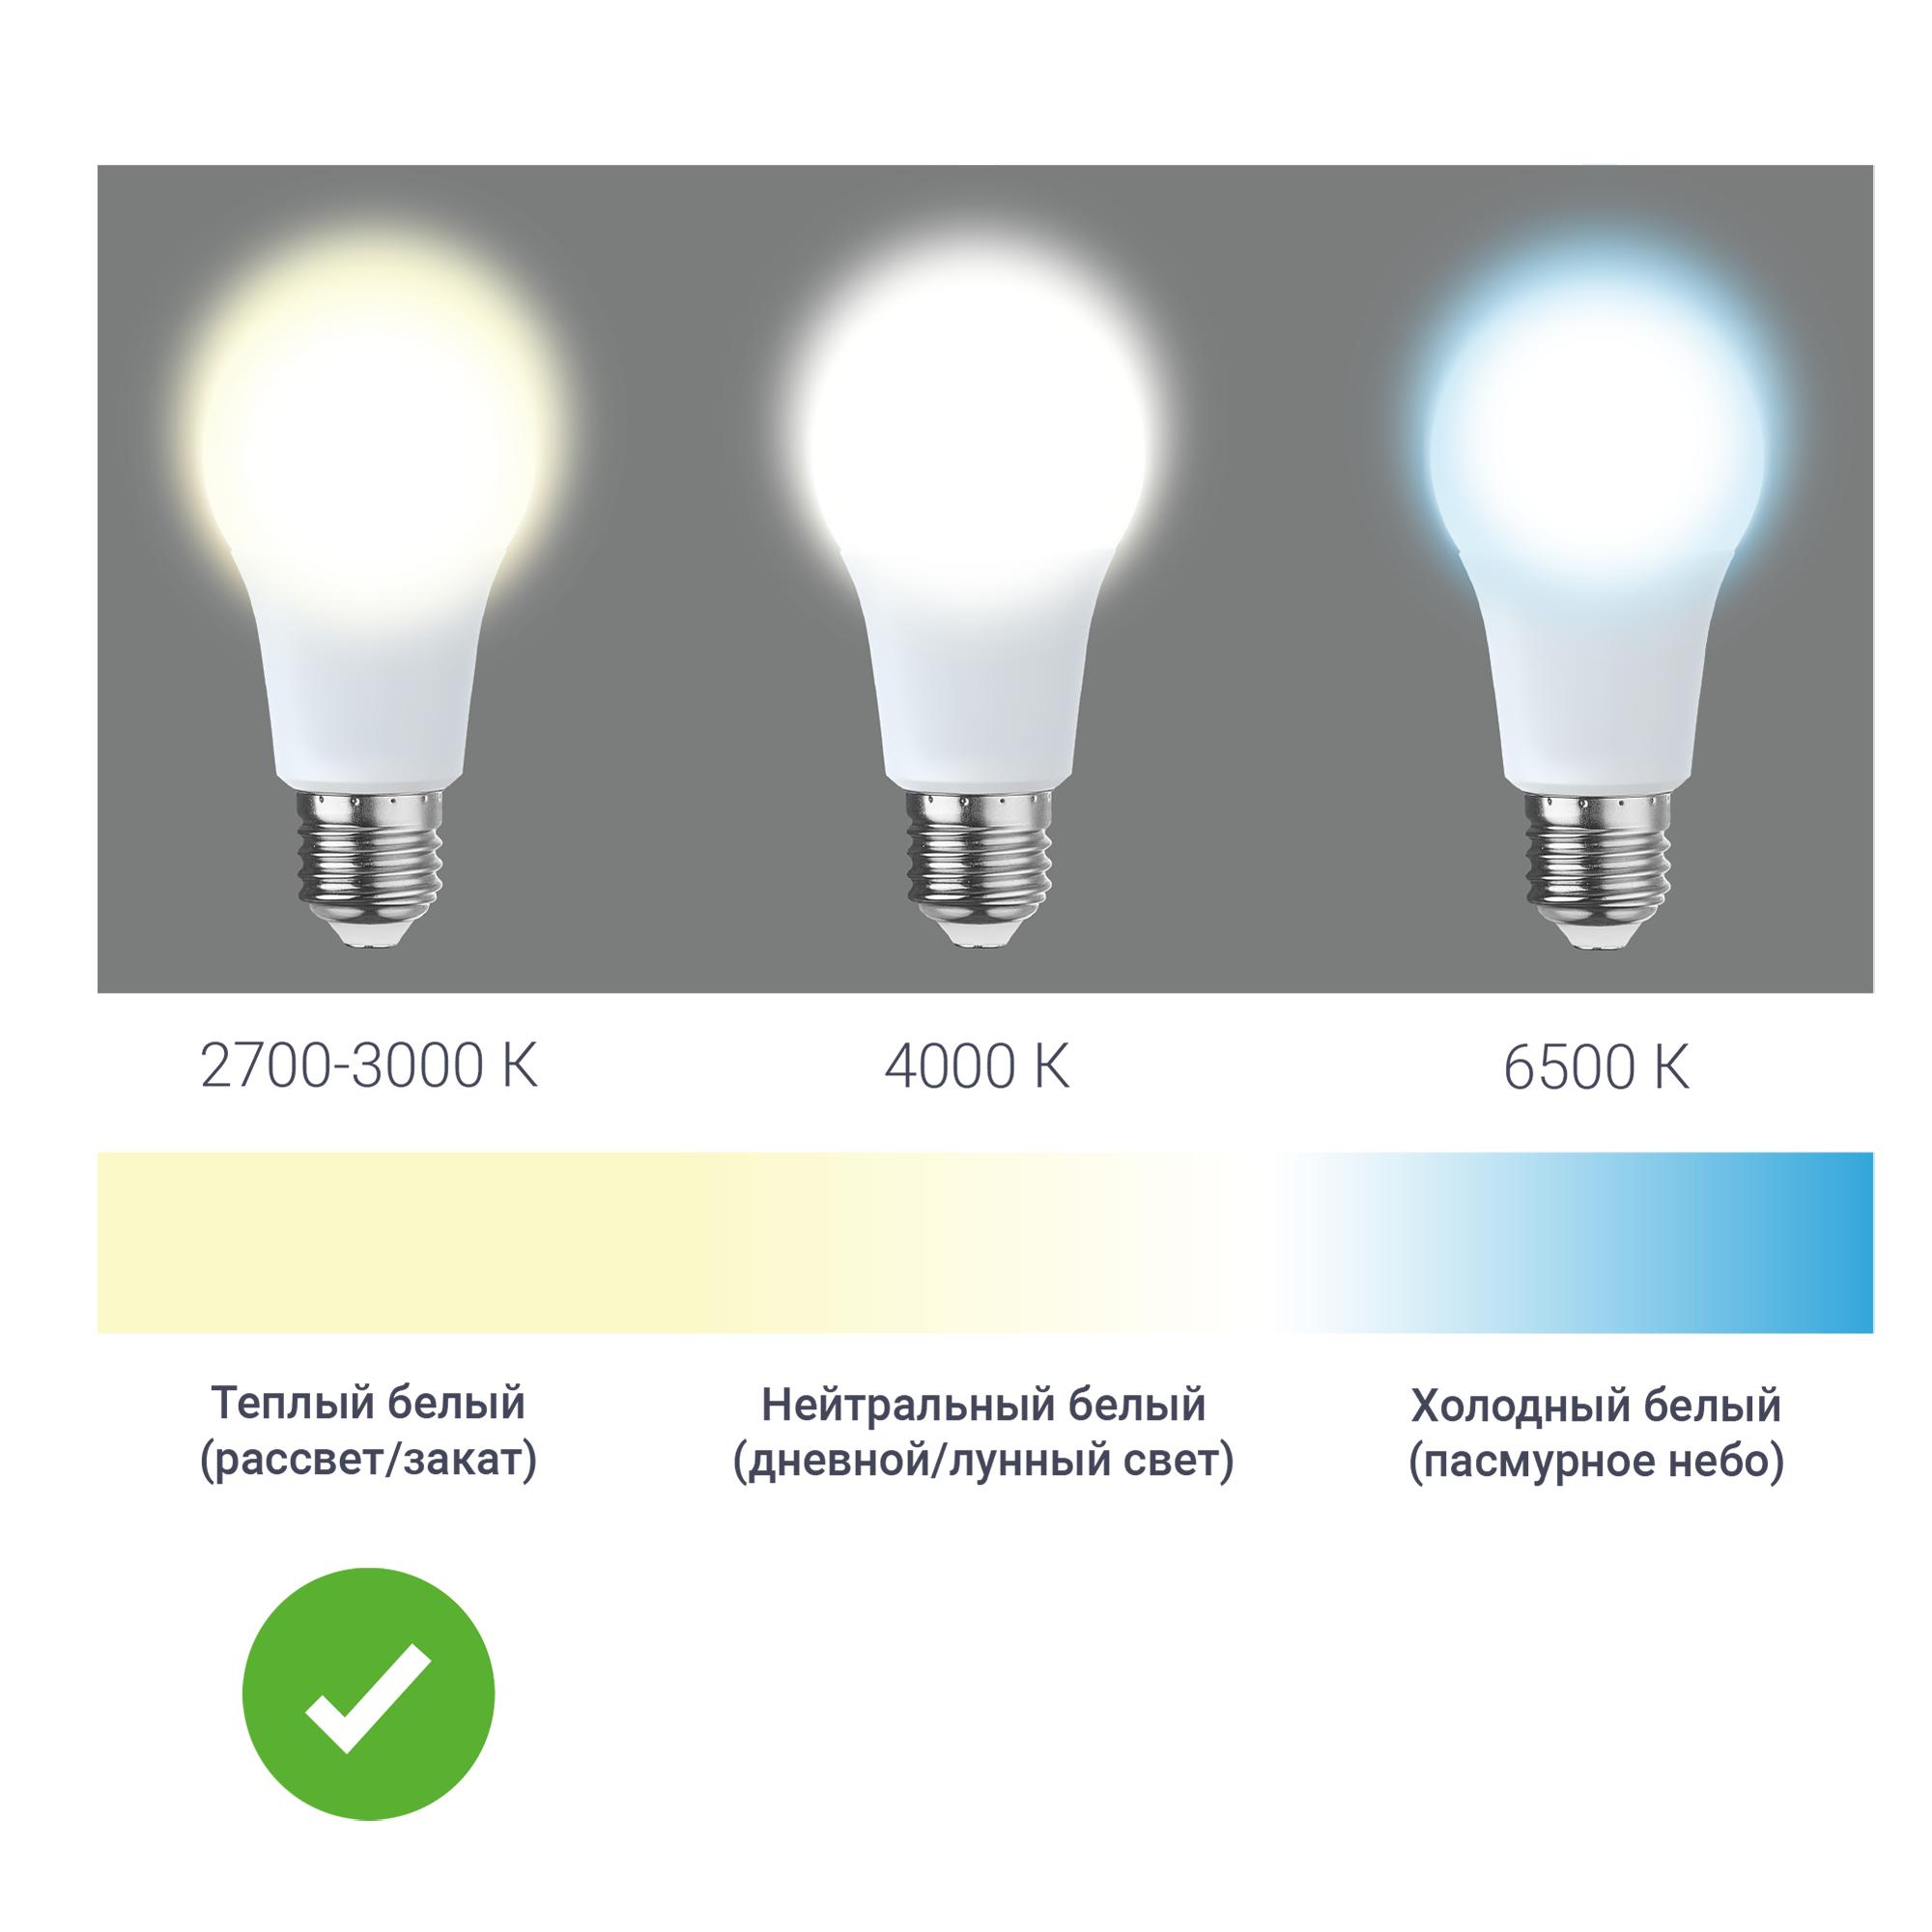 Лампа светодиодная Osram E14 220 В 6 Вт шар прозрачная 800 лм тёплый белый свет